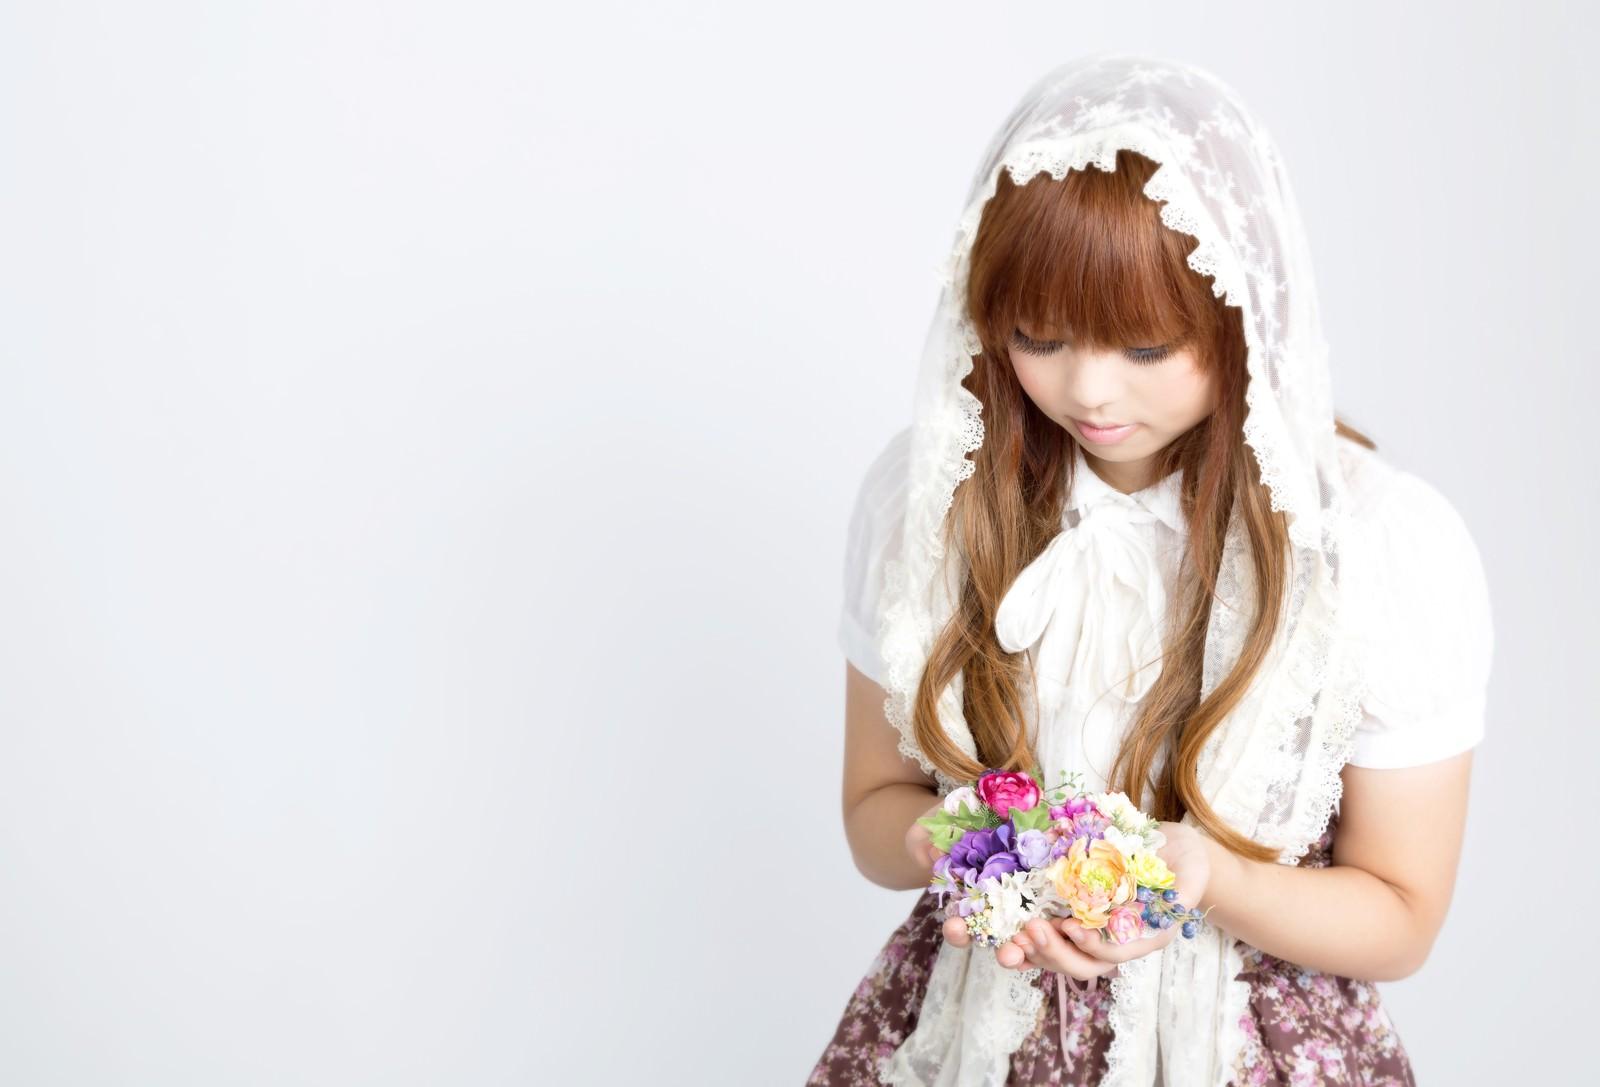 「花のアクセサリーを両手いっぱいに持つゆるふわな女の子」の写真[モデル:あみ]